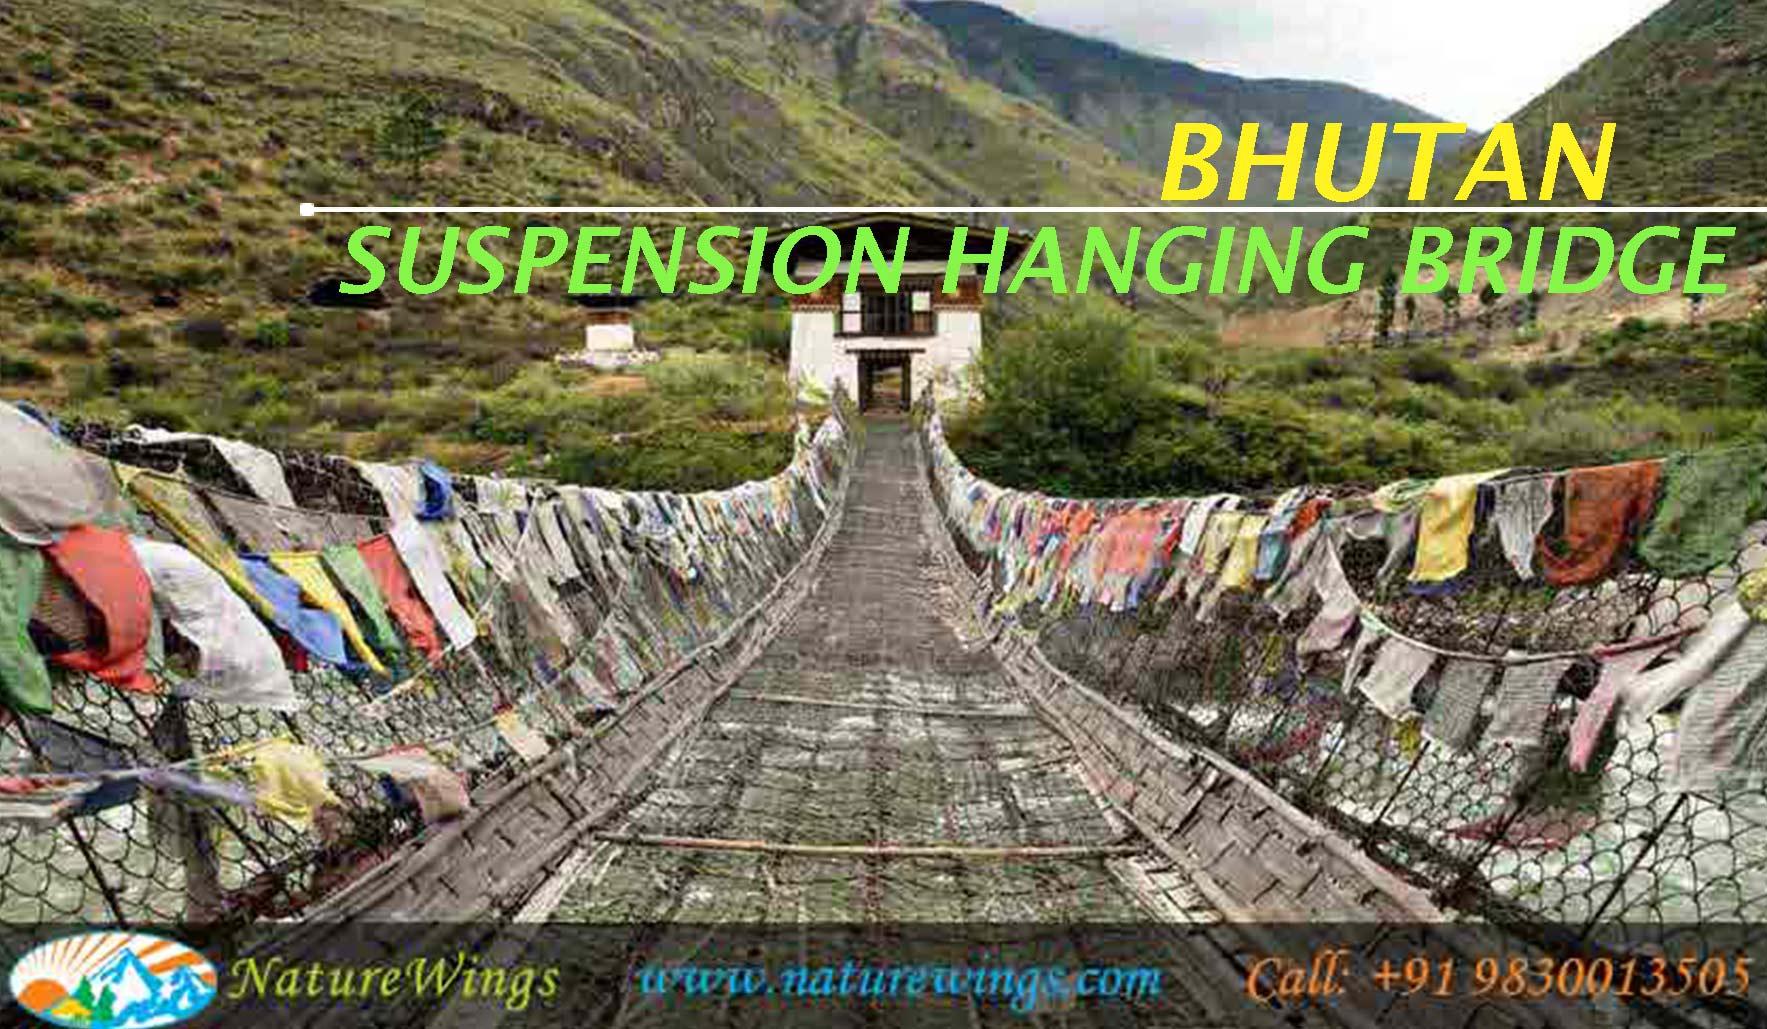 Suspension Hanging bridge Bhutan